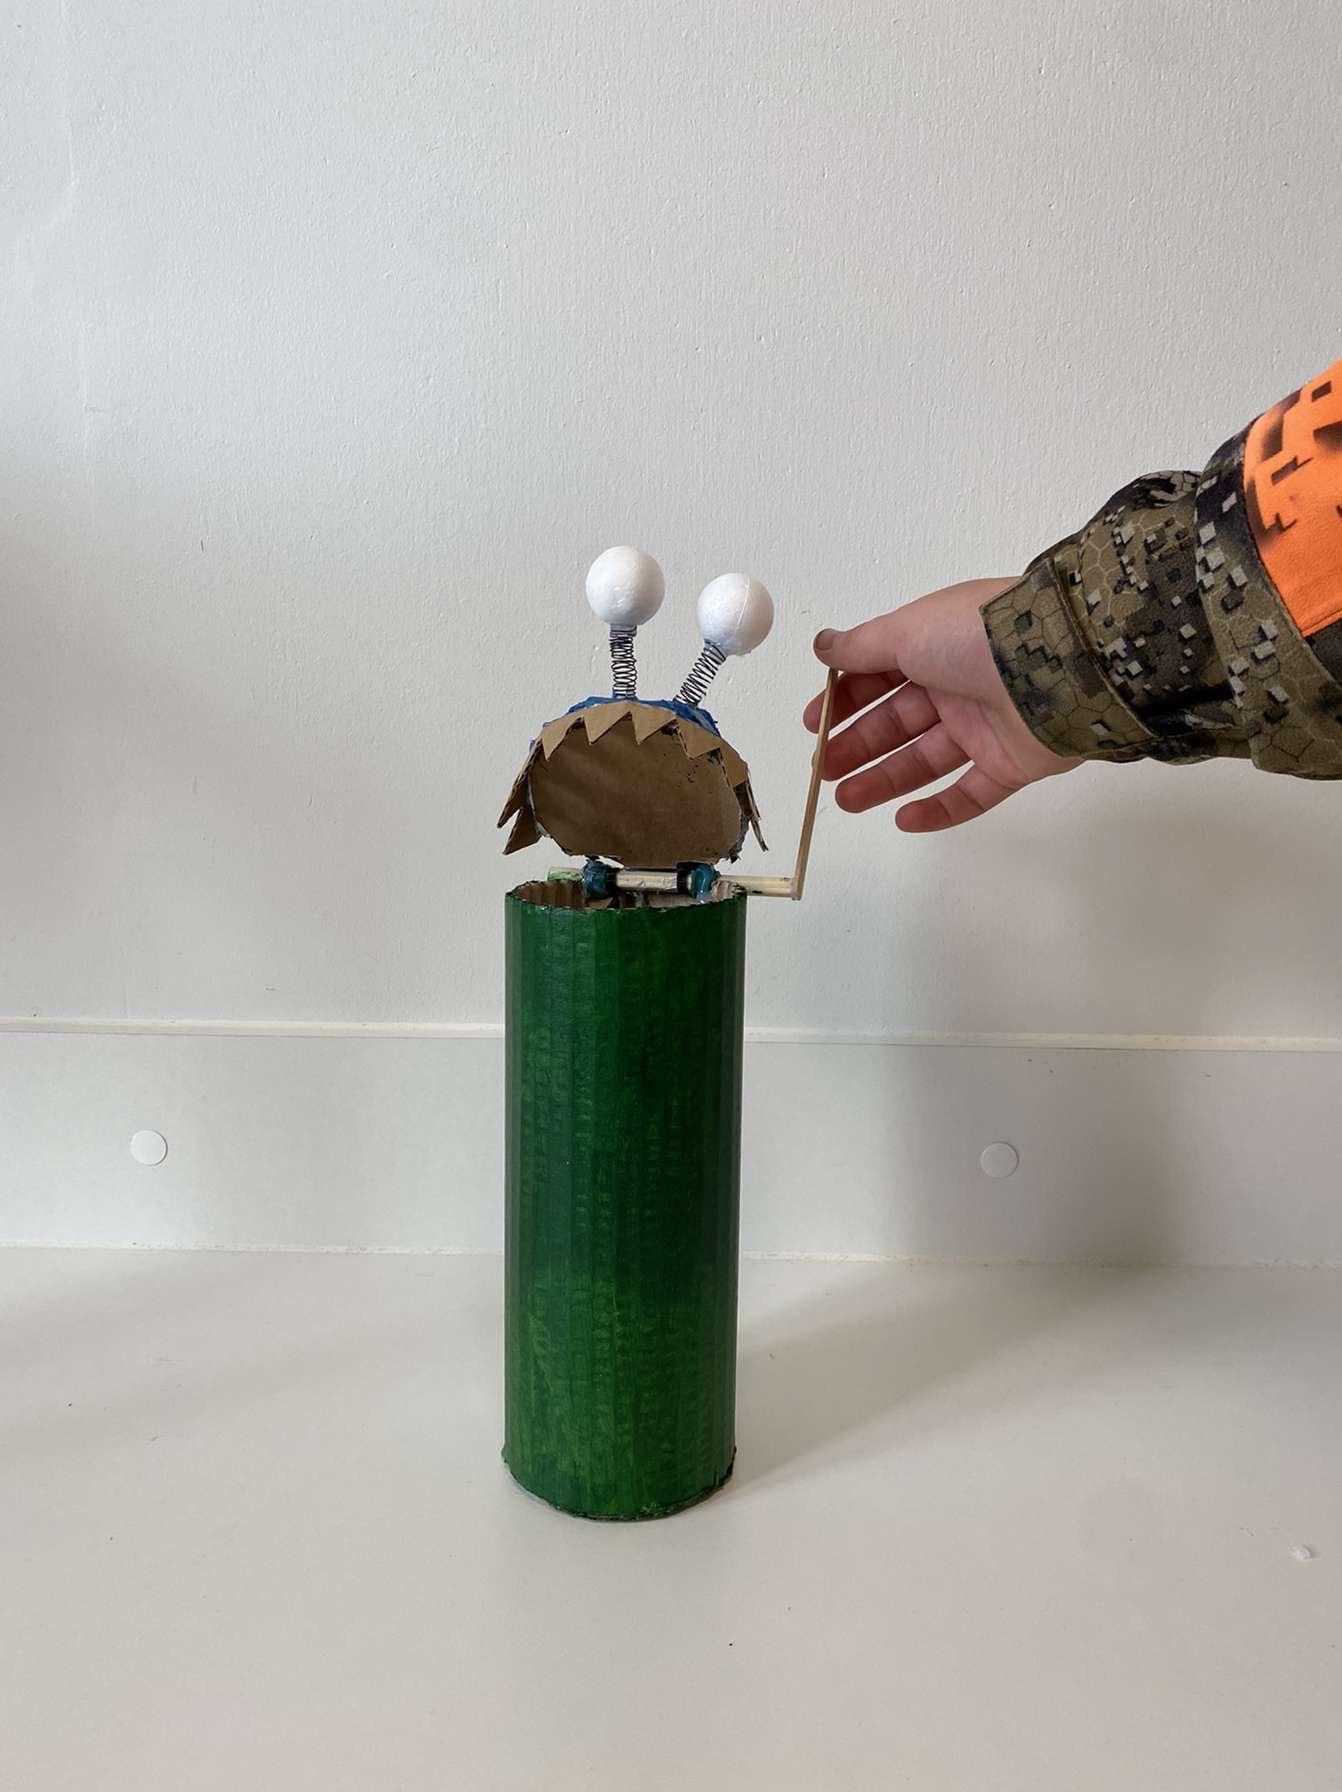 En elev har skabt en mockup i pap - af en skraldespand med tænder og øjne på låget.